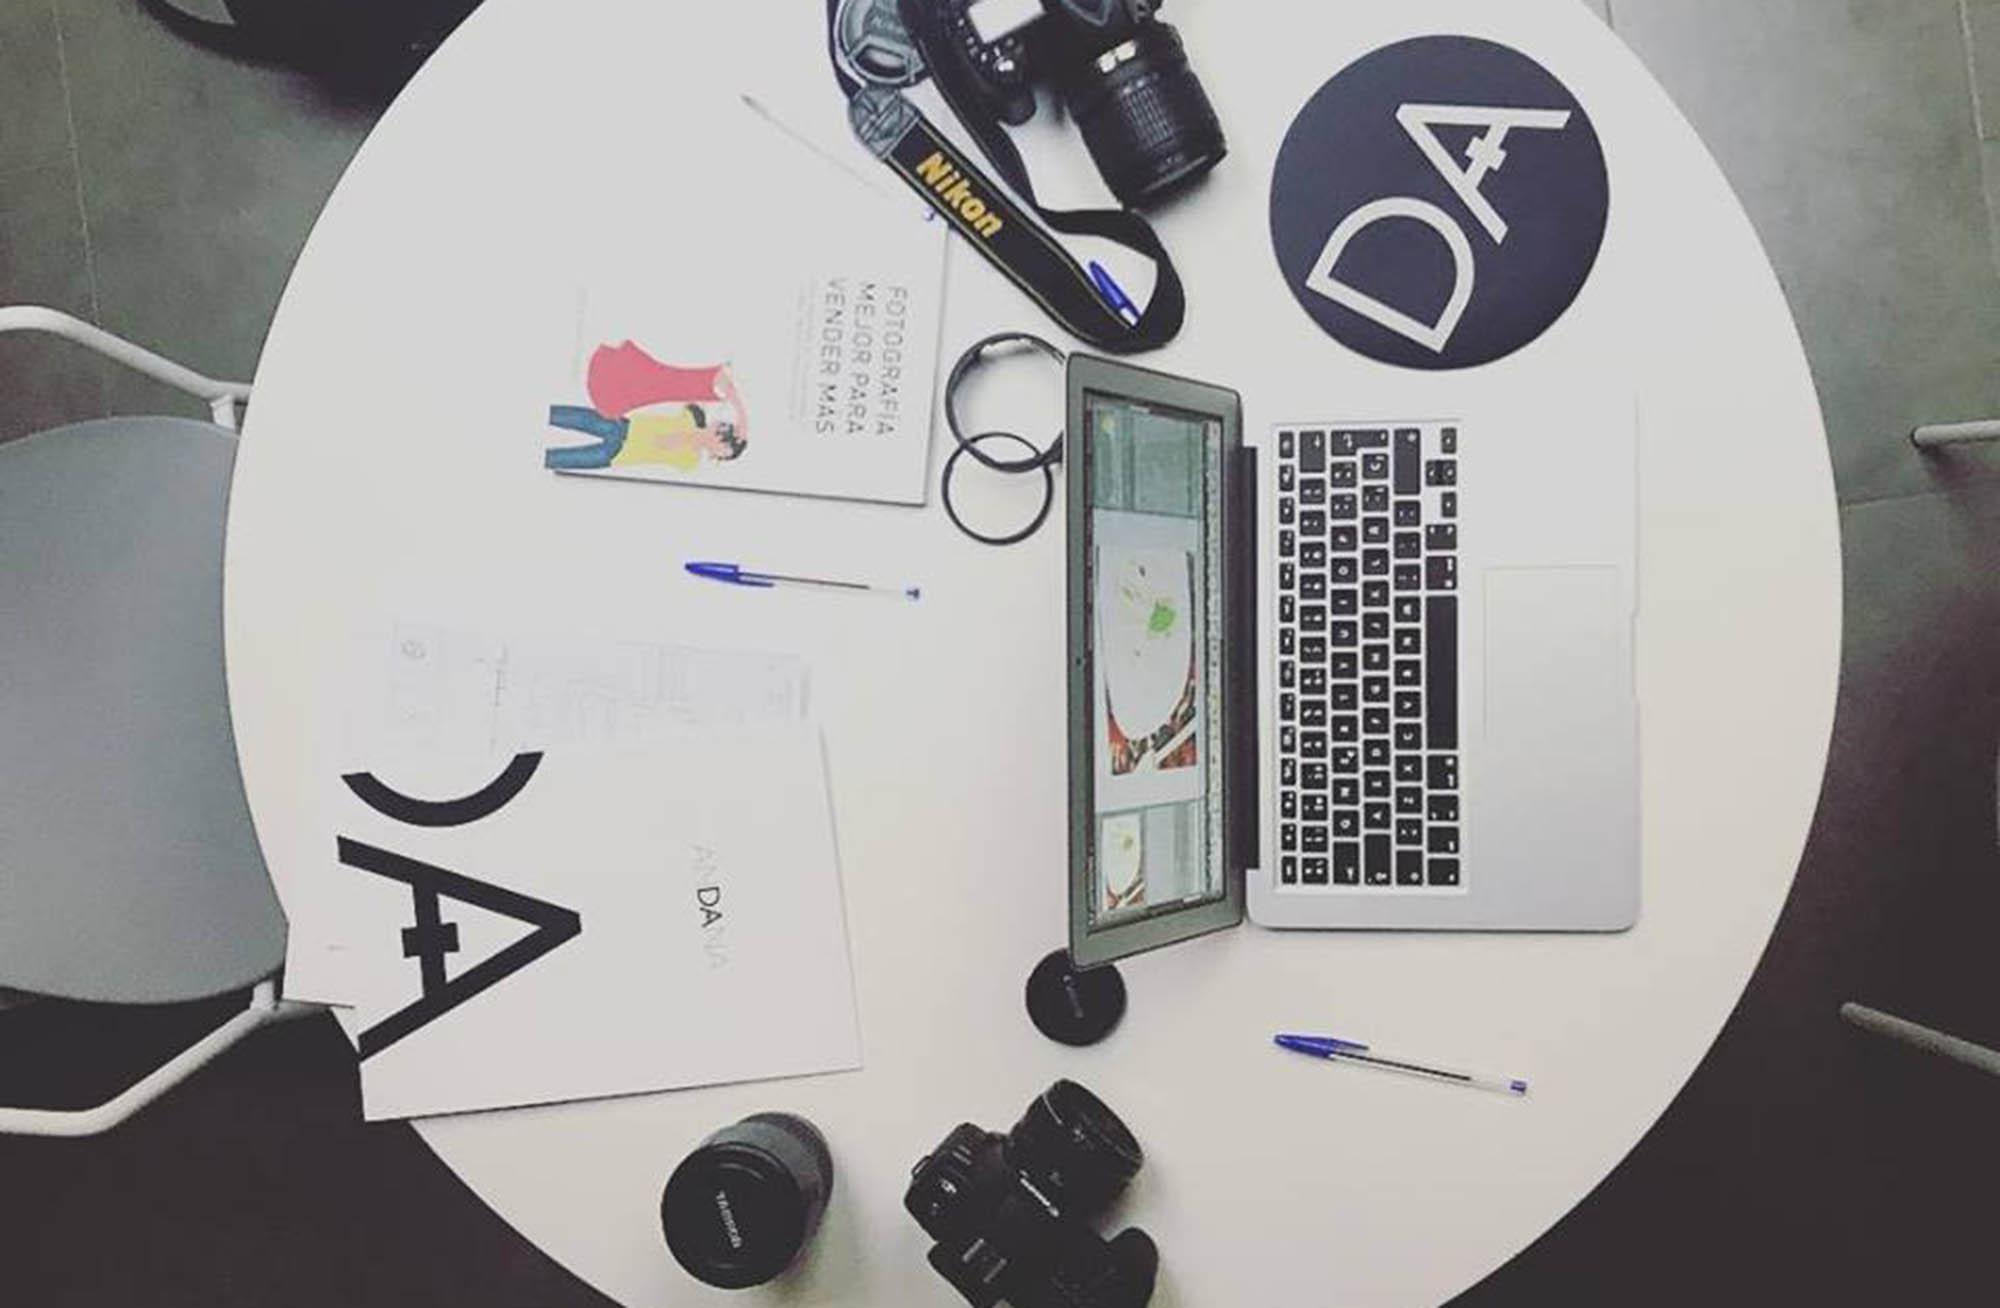 Curso de WordPress con soporte y seguimiento